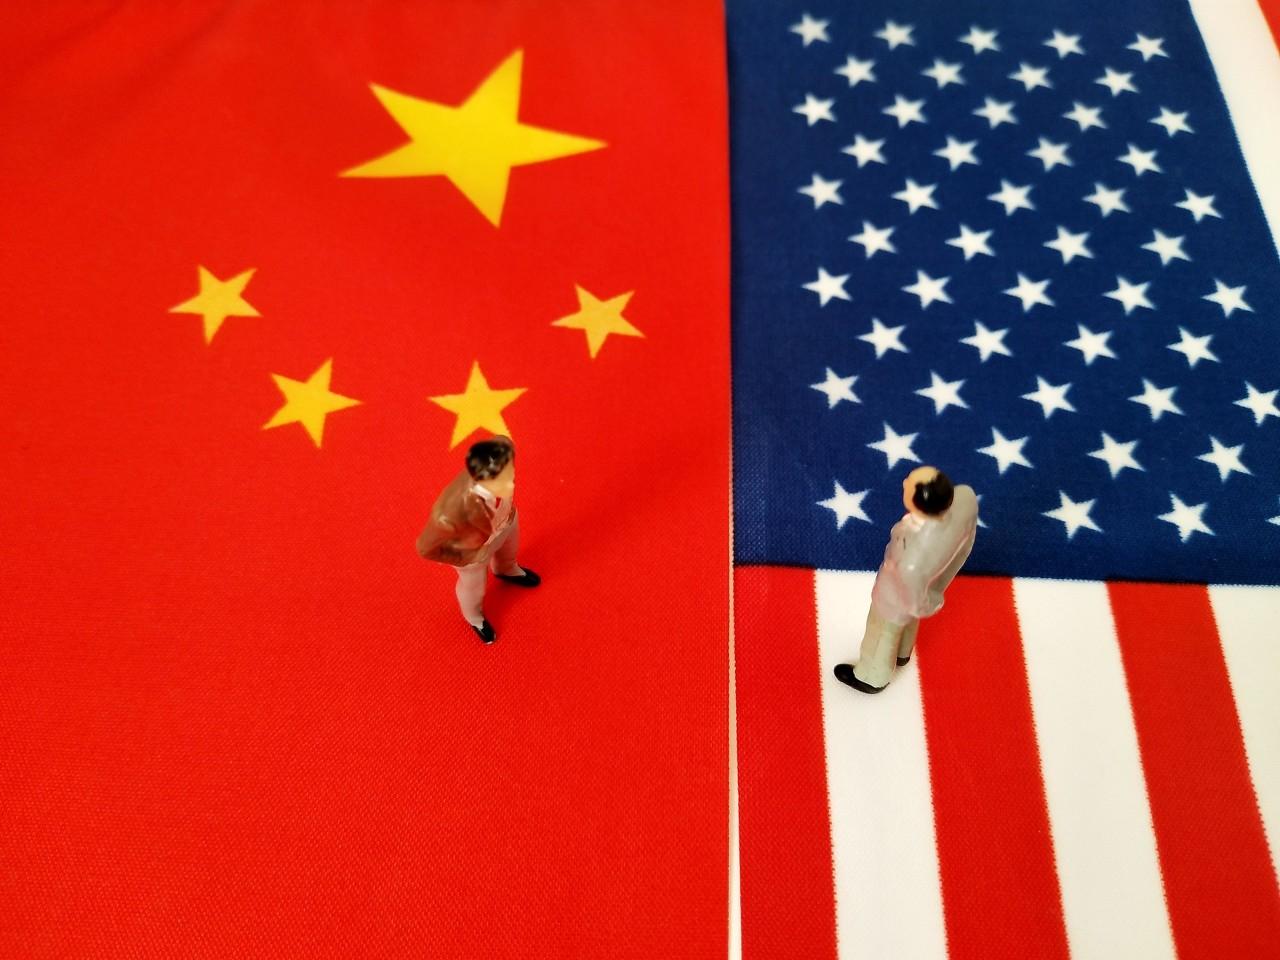 早报 | 中美贸易最新消息:加征的关税必须全部取消;百度否认抄袭天猫精灵说;360回应手机业务暂停